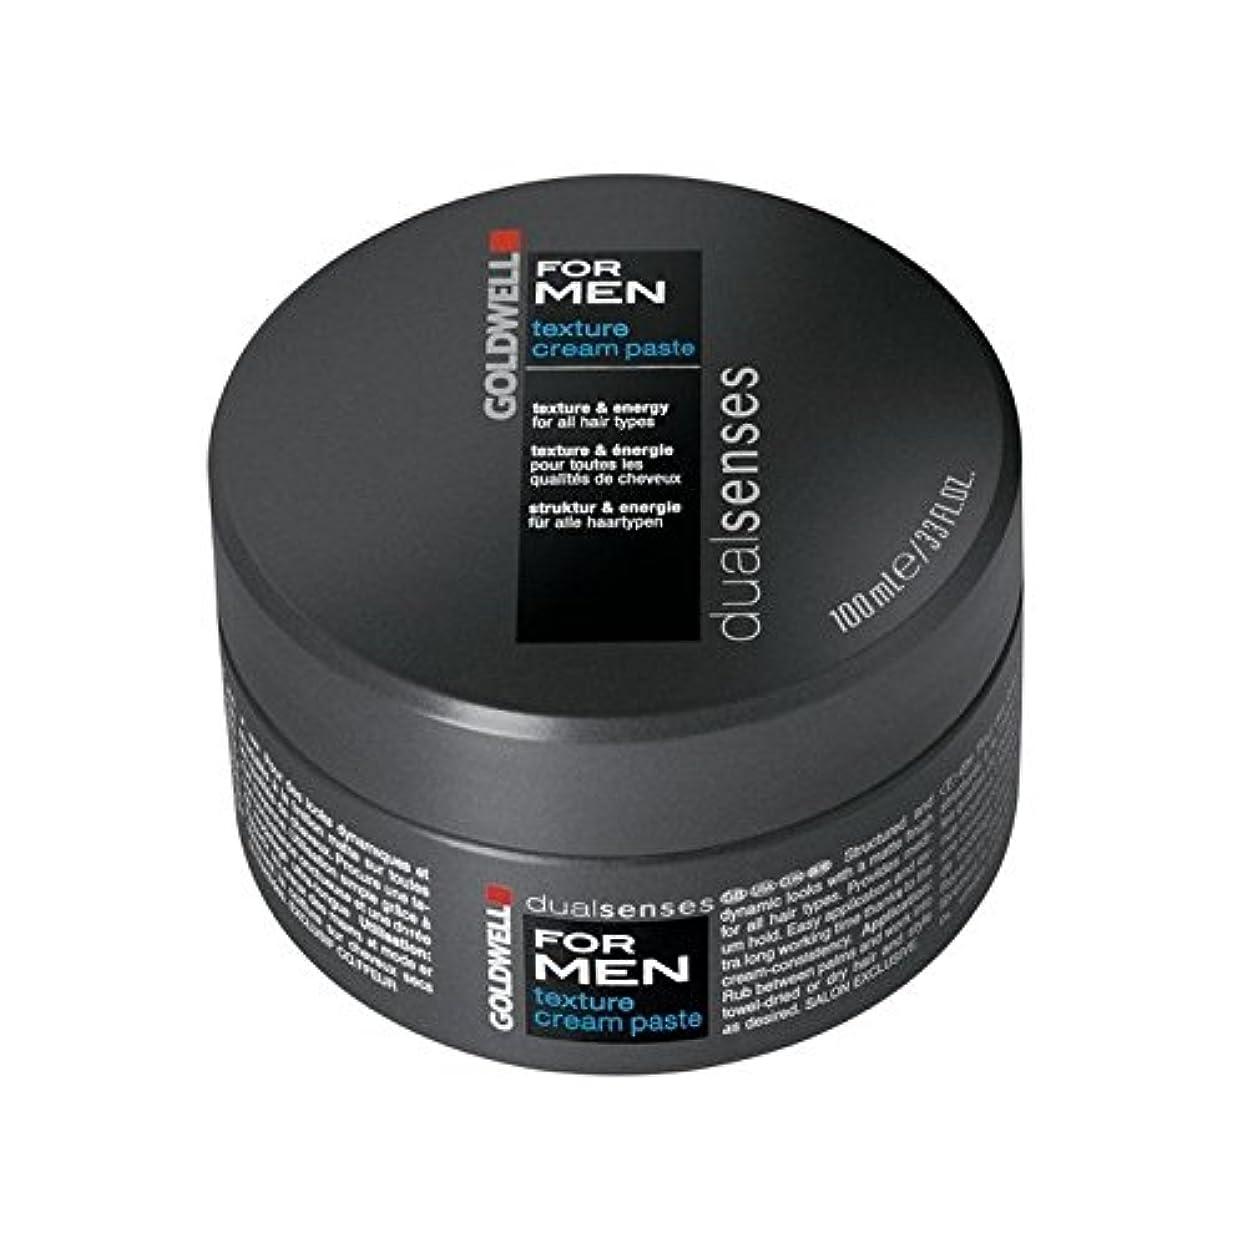 対応オーチャードオフ男性のテクスチャーのクリームペースト(100ミリリットル)のためのの x4 - Goldwell Dualsenses For Men Texture Cream Paste (100ml) (Pack of 4) [並行輸入品]